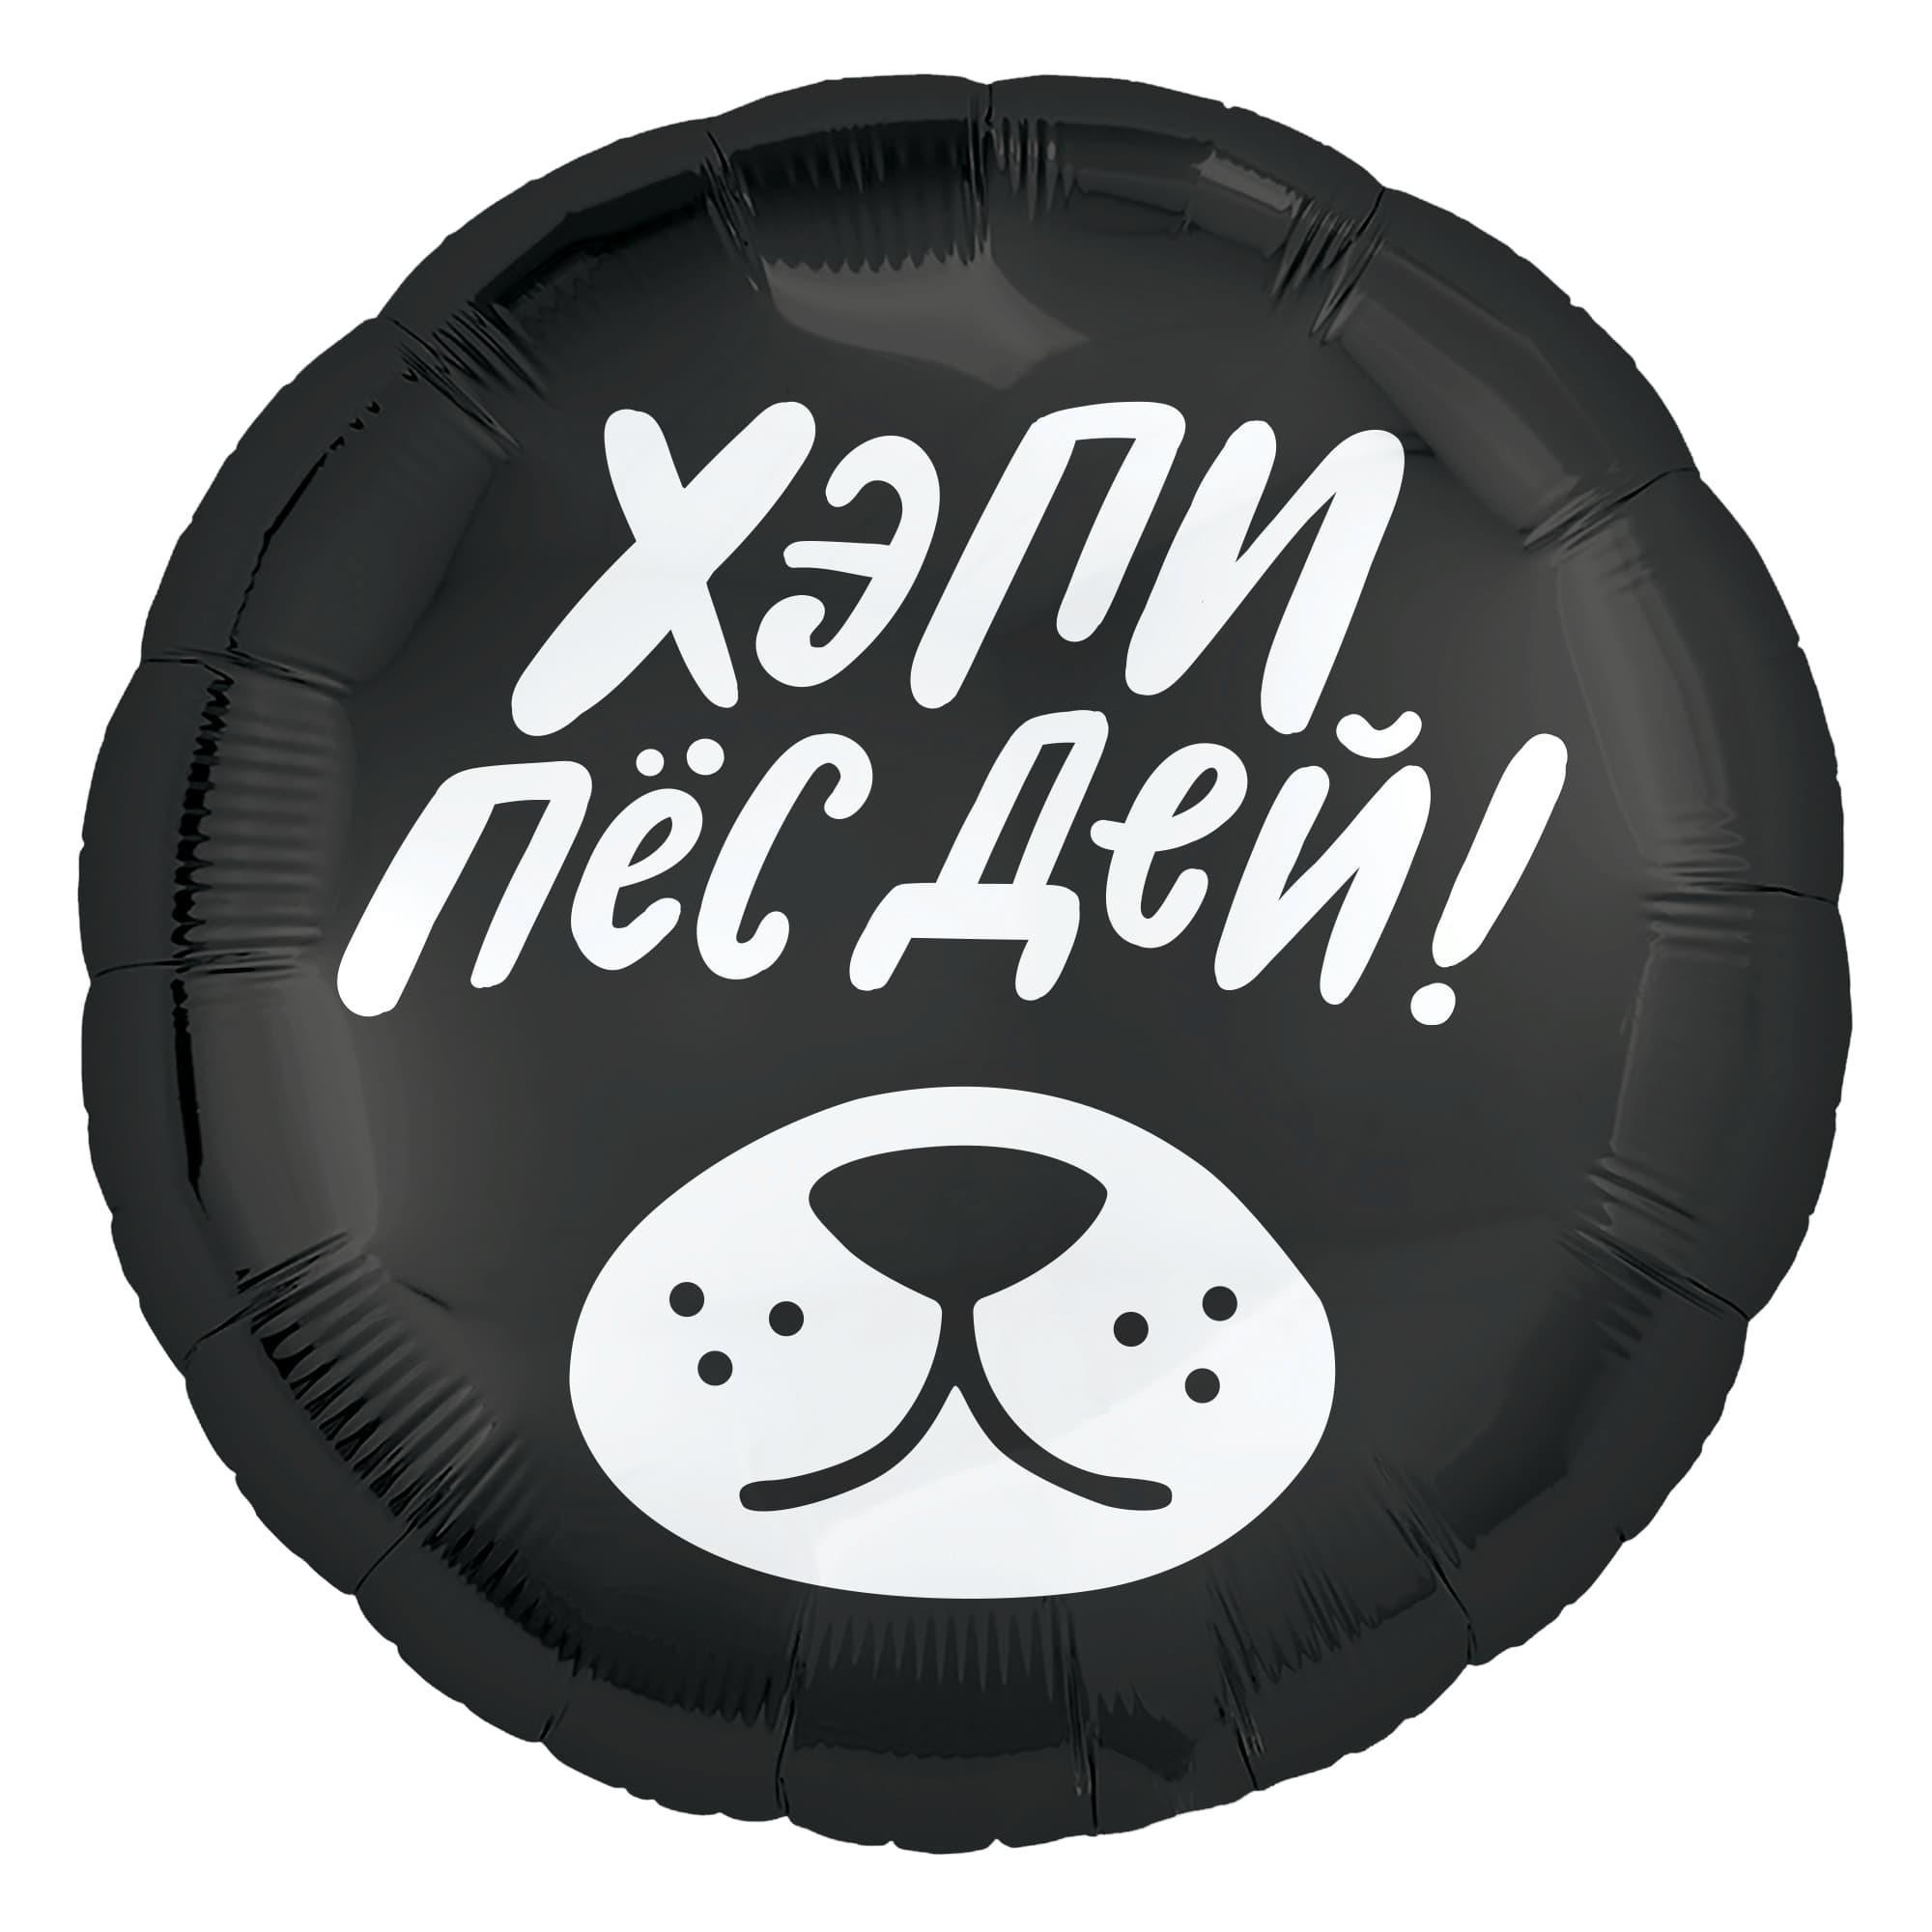 Фольгированный шар круг , Хэпи Пёс Дей, 46 см